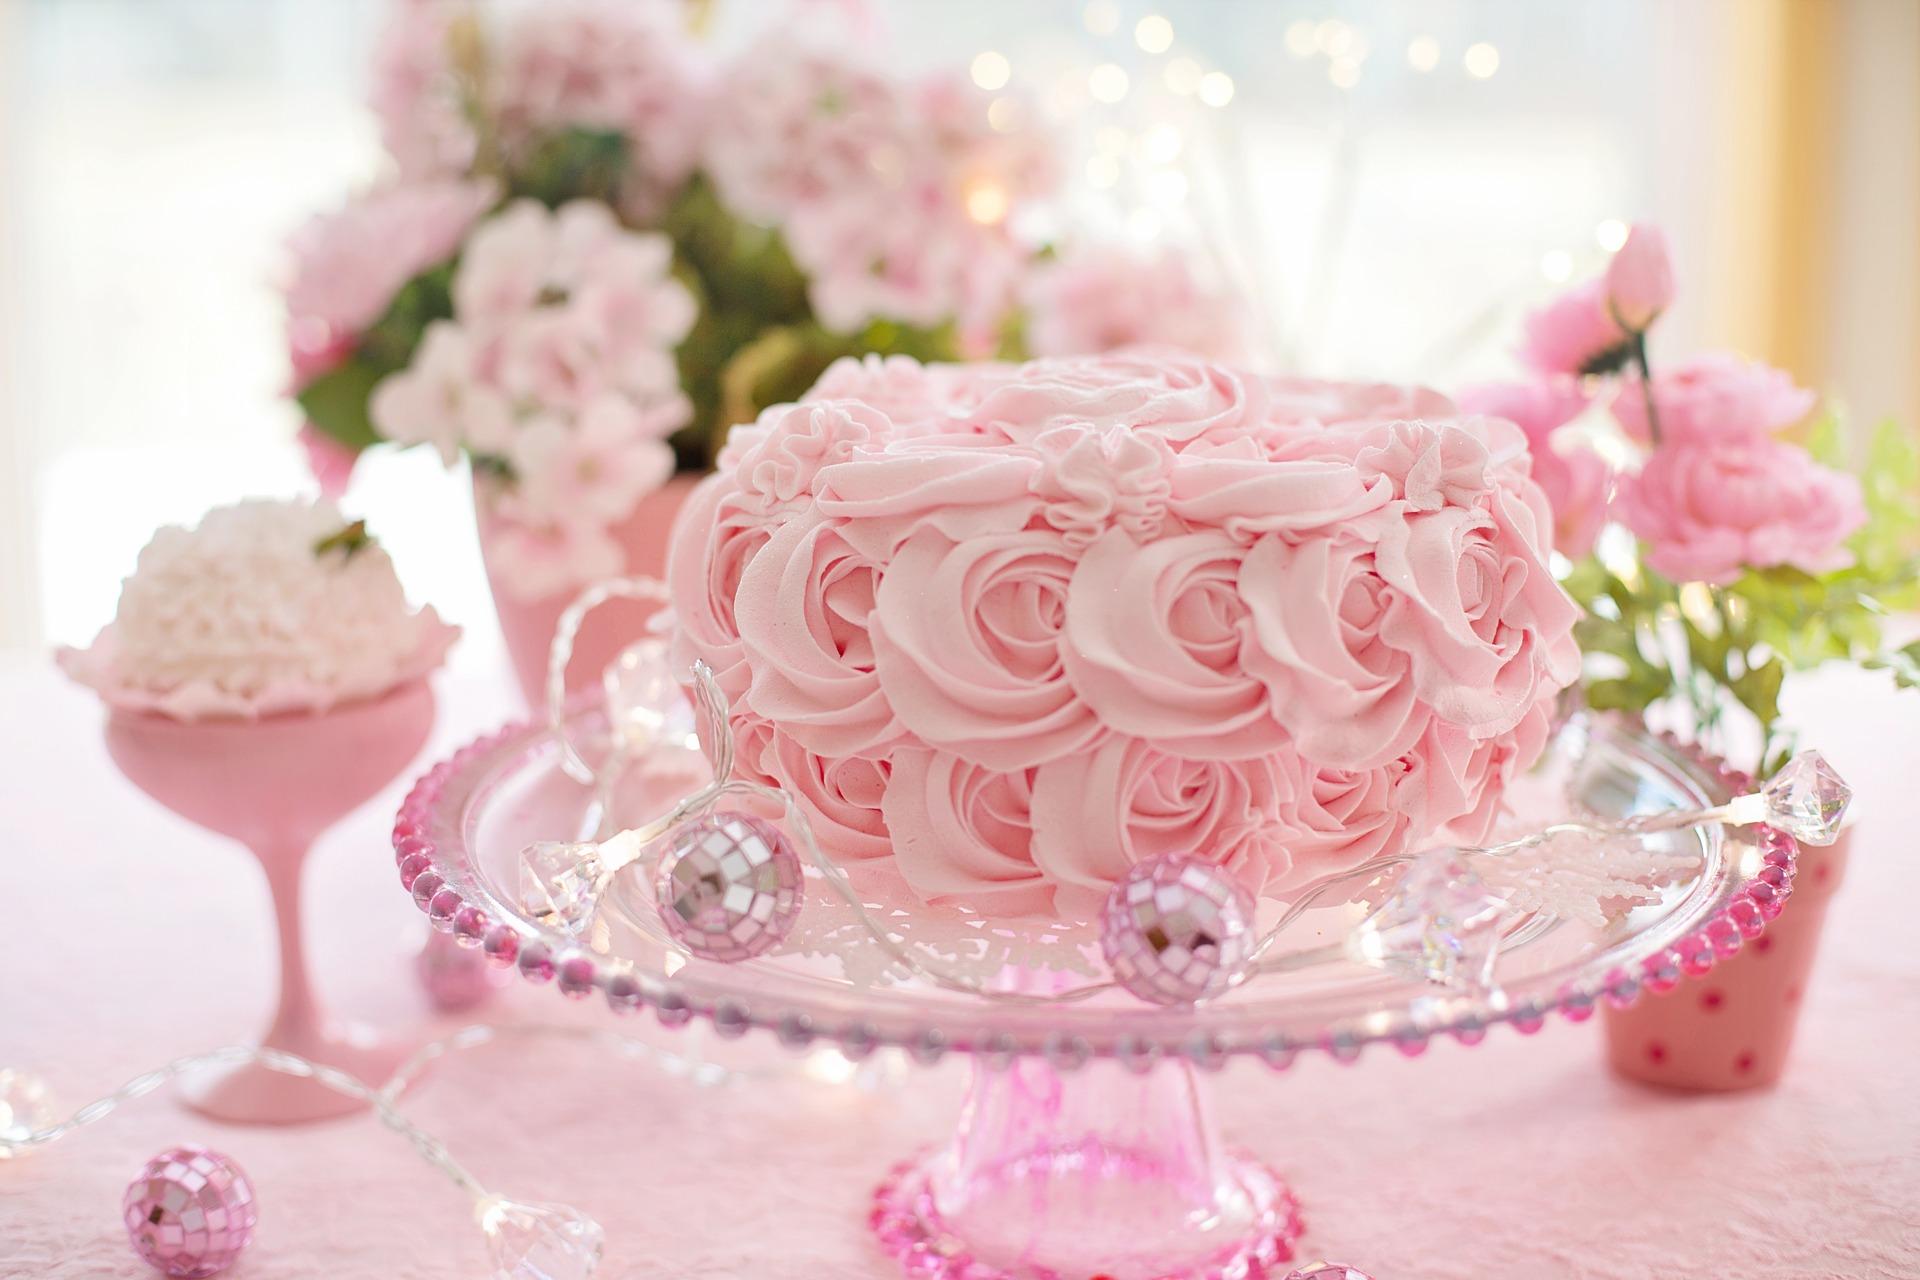 Las tartas de comunión ya abarcan un amplio espectro de sabores y formatos